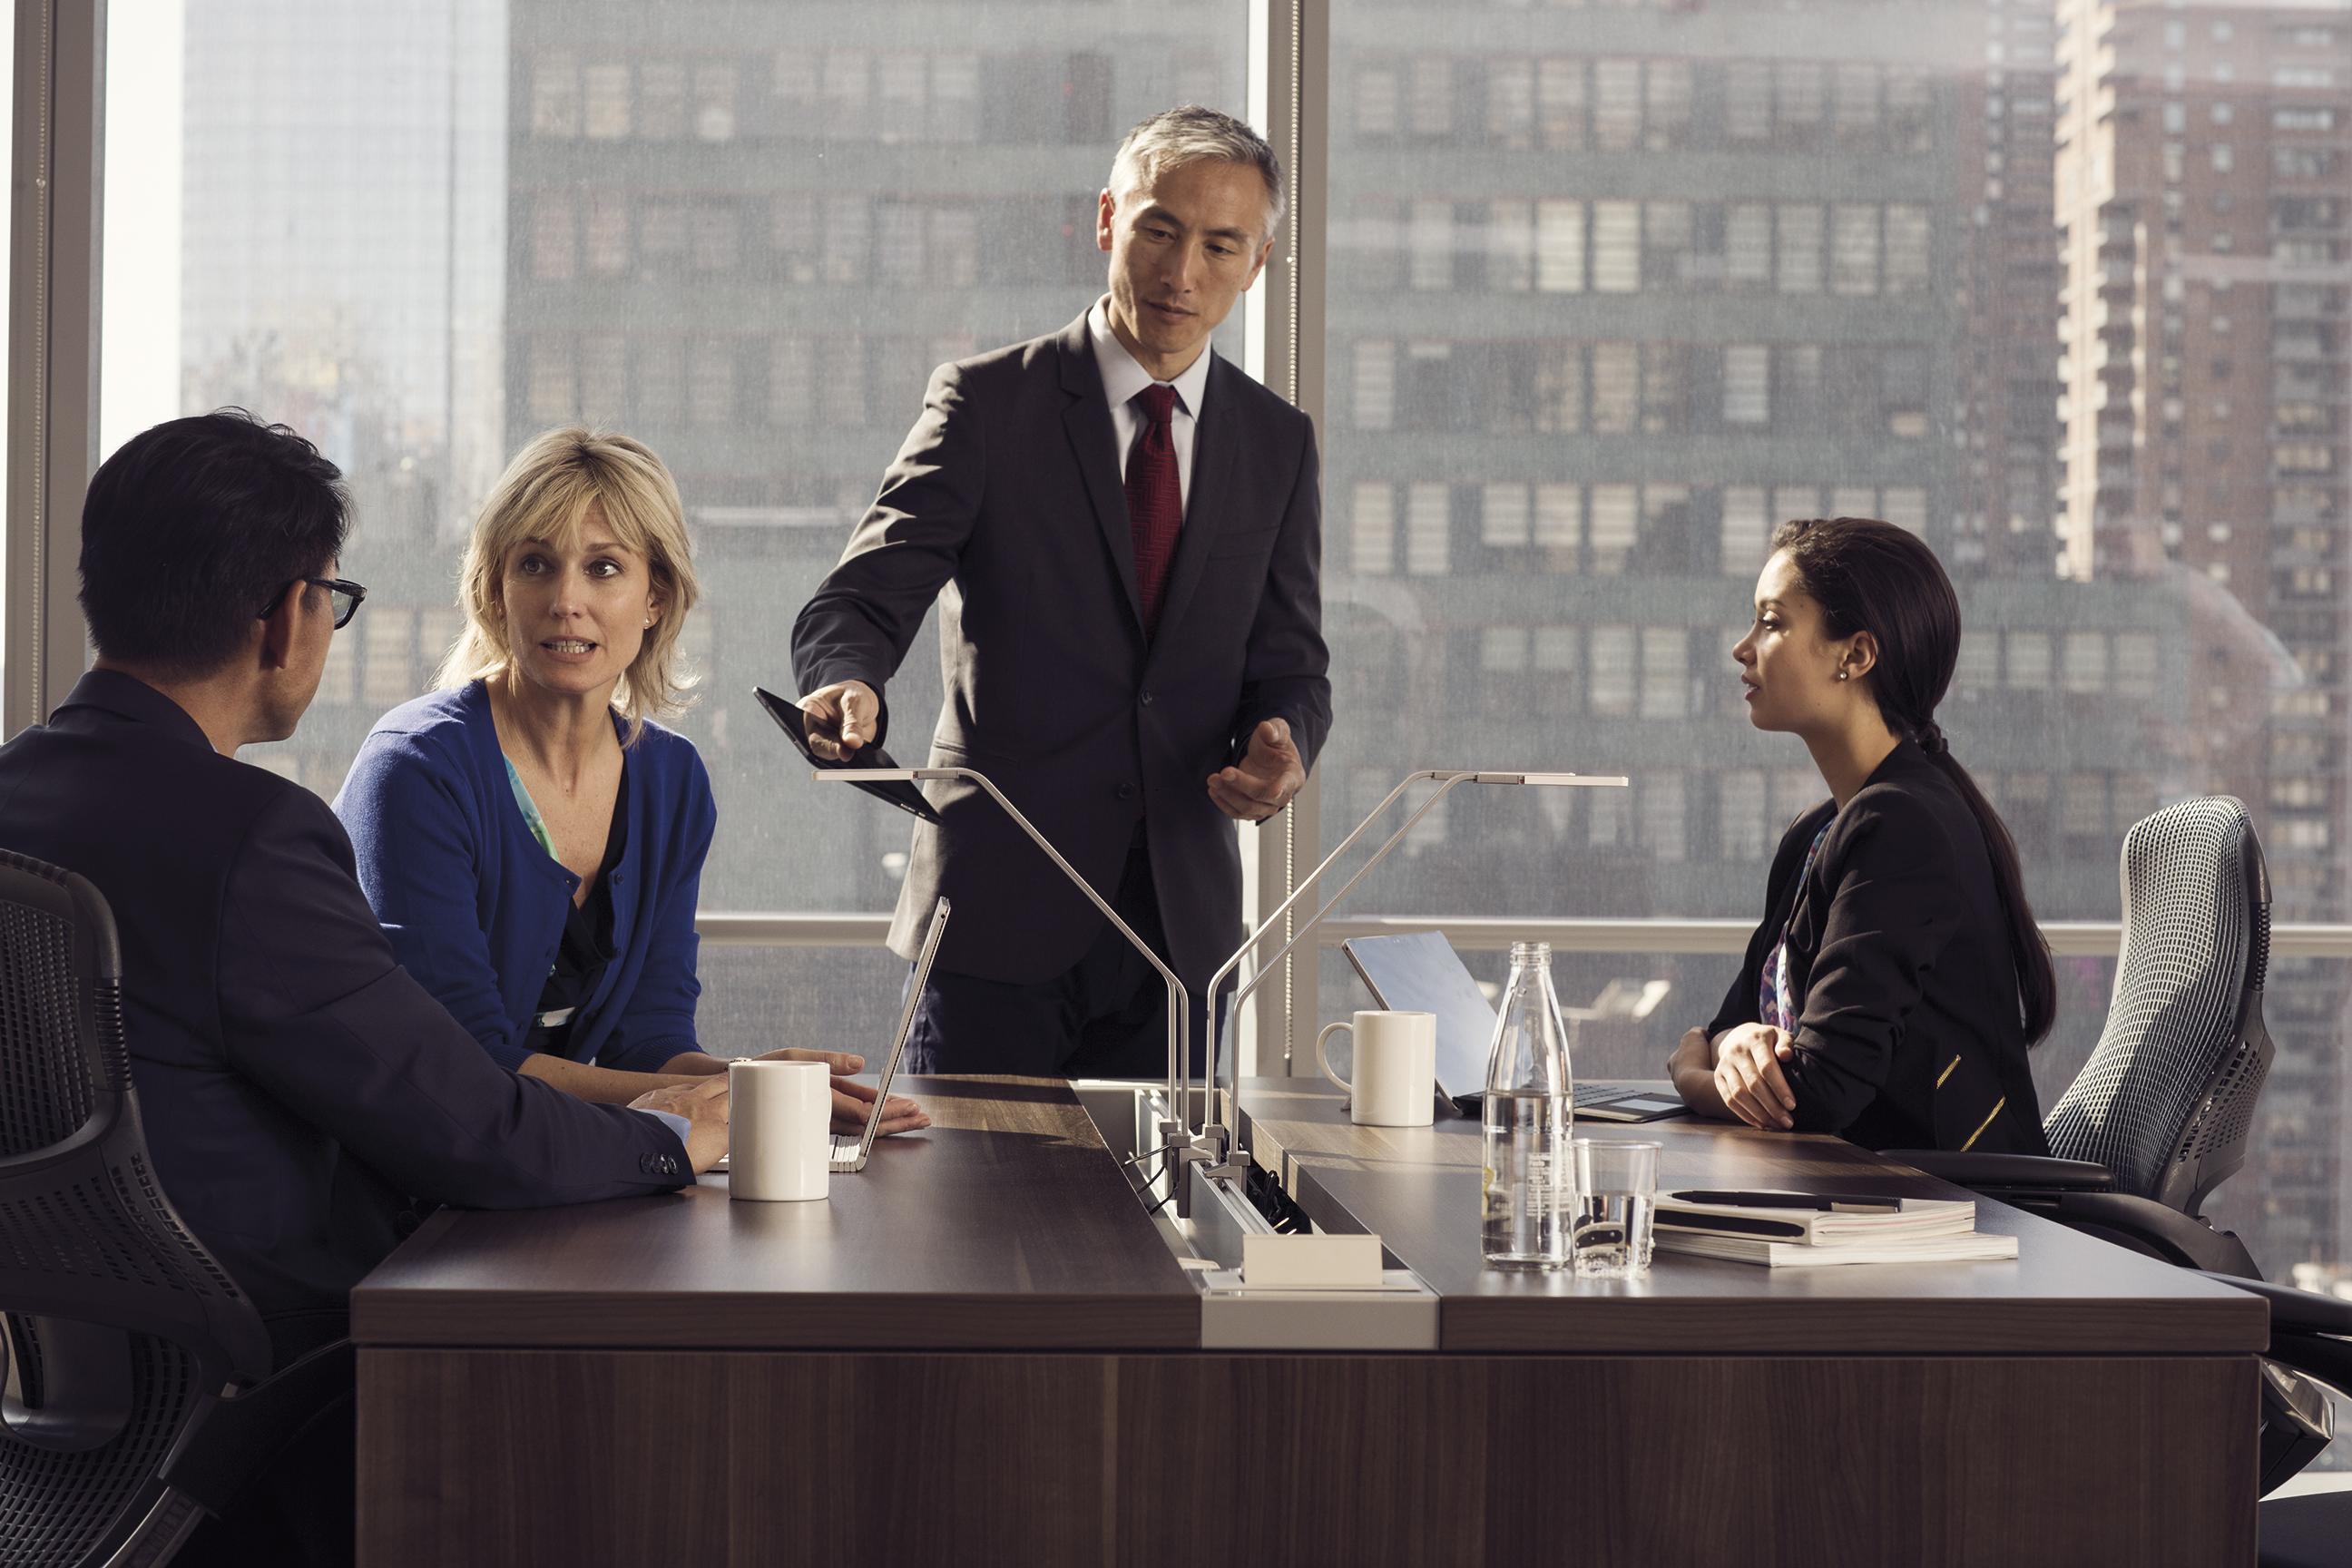 ミーティングをしている4人の人物